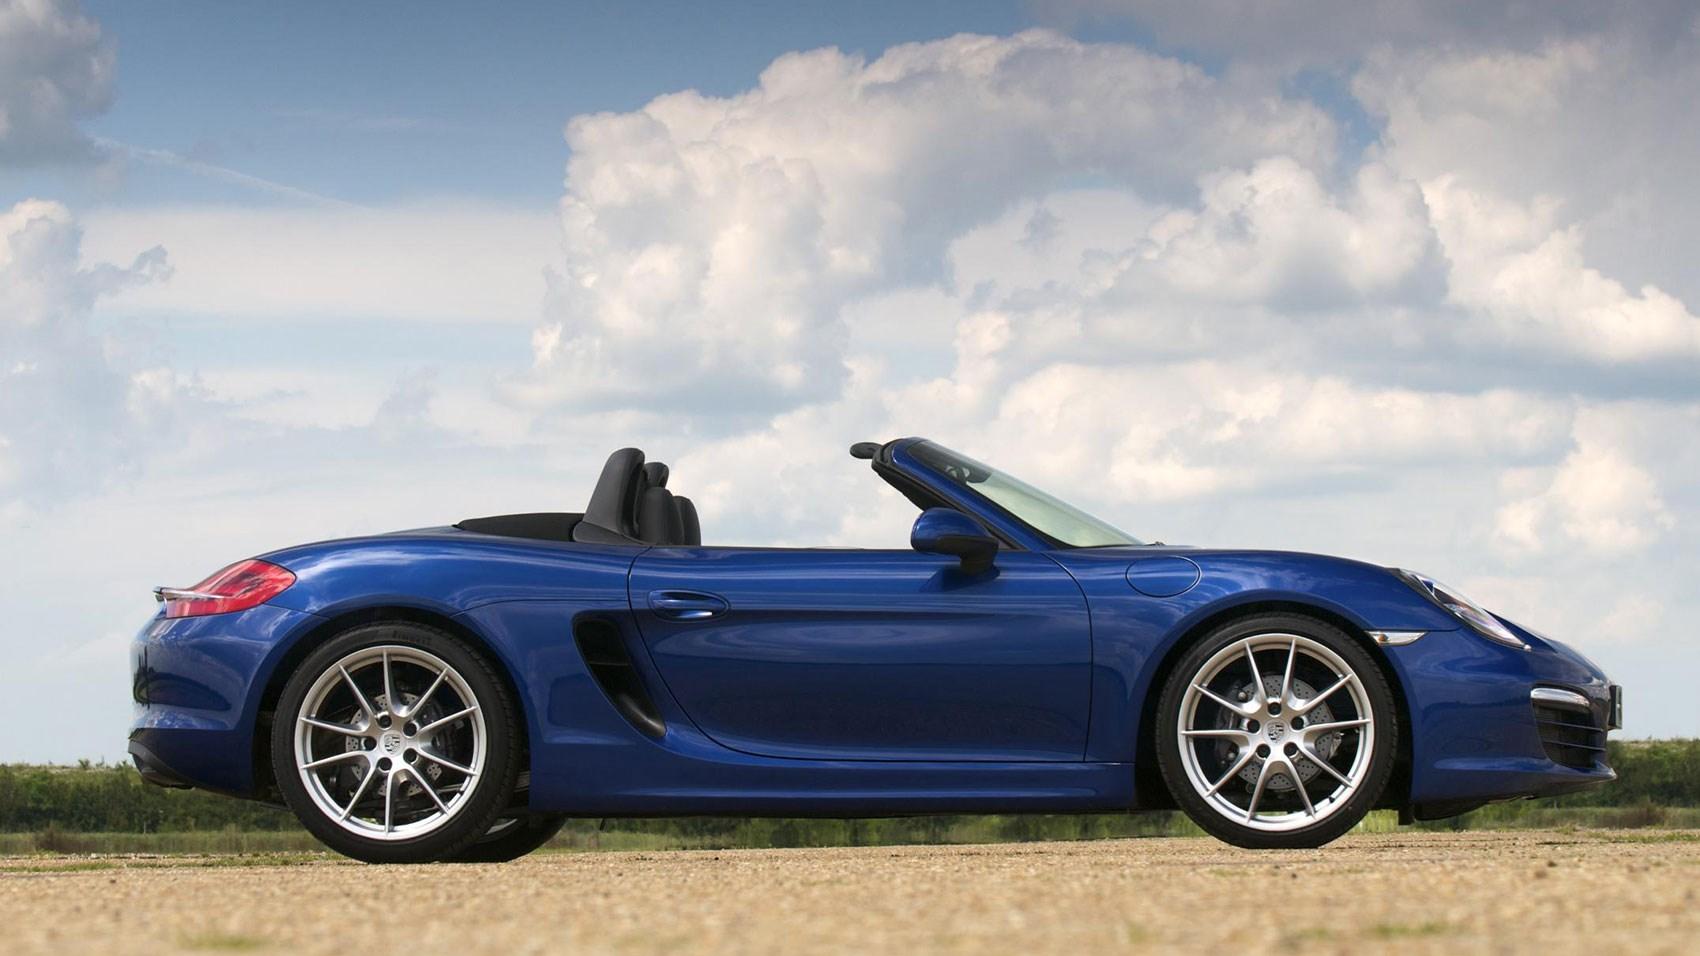 Porsche Boxster For Sale >> Porsche Boxster 2.7 manual (2015) review | CAR Magazine